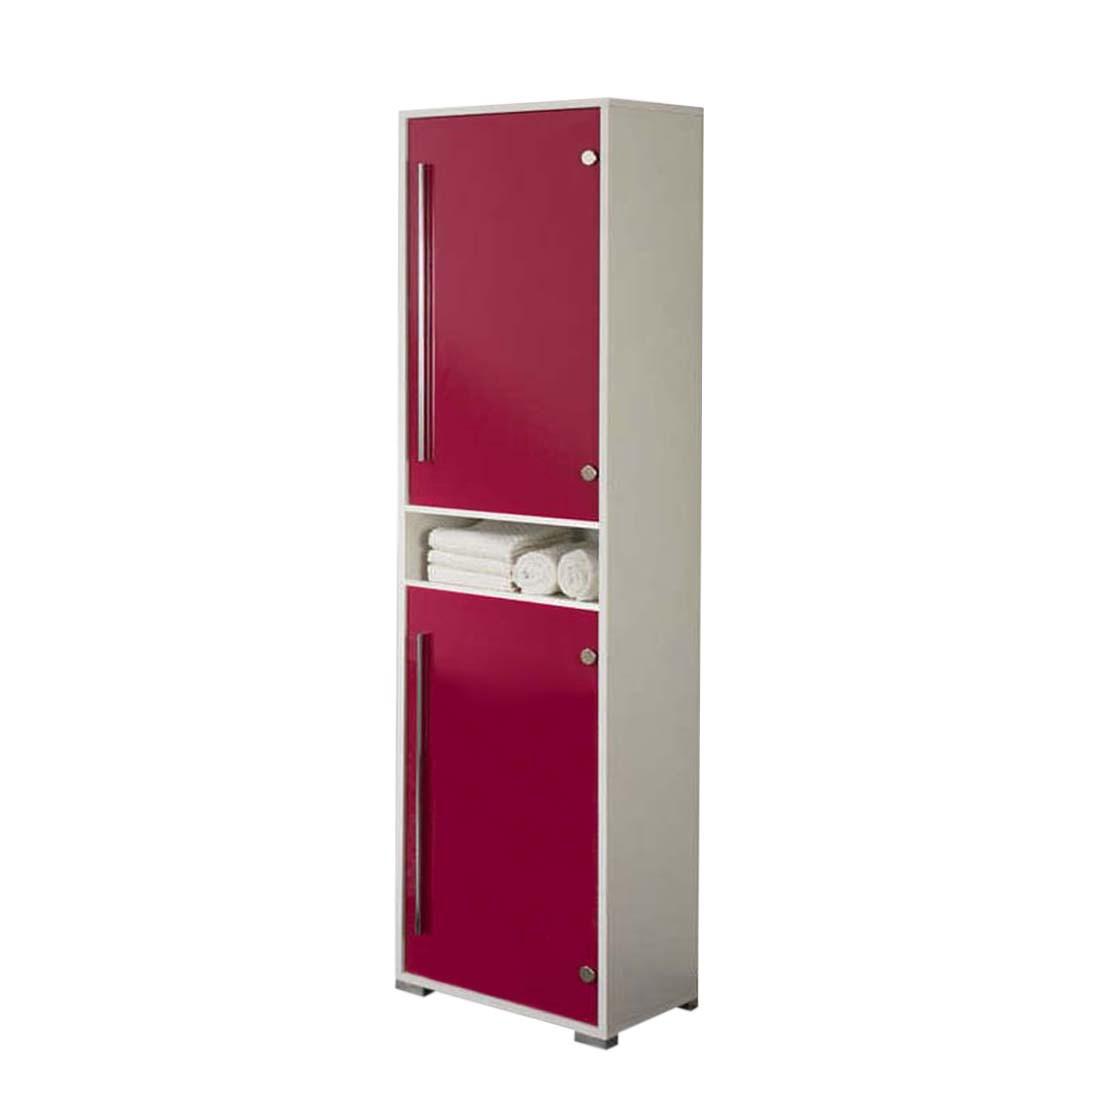 Hochschrank Brantford – weiß/pink, Aqua Suite günstig kaufen